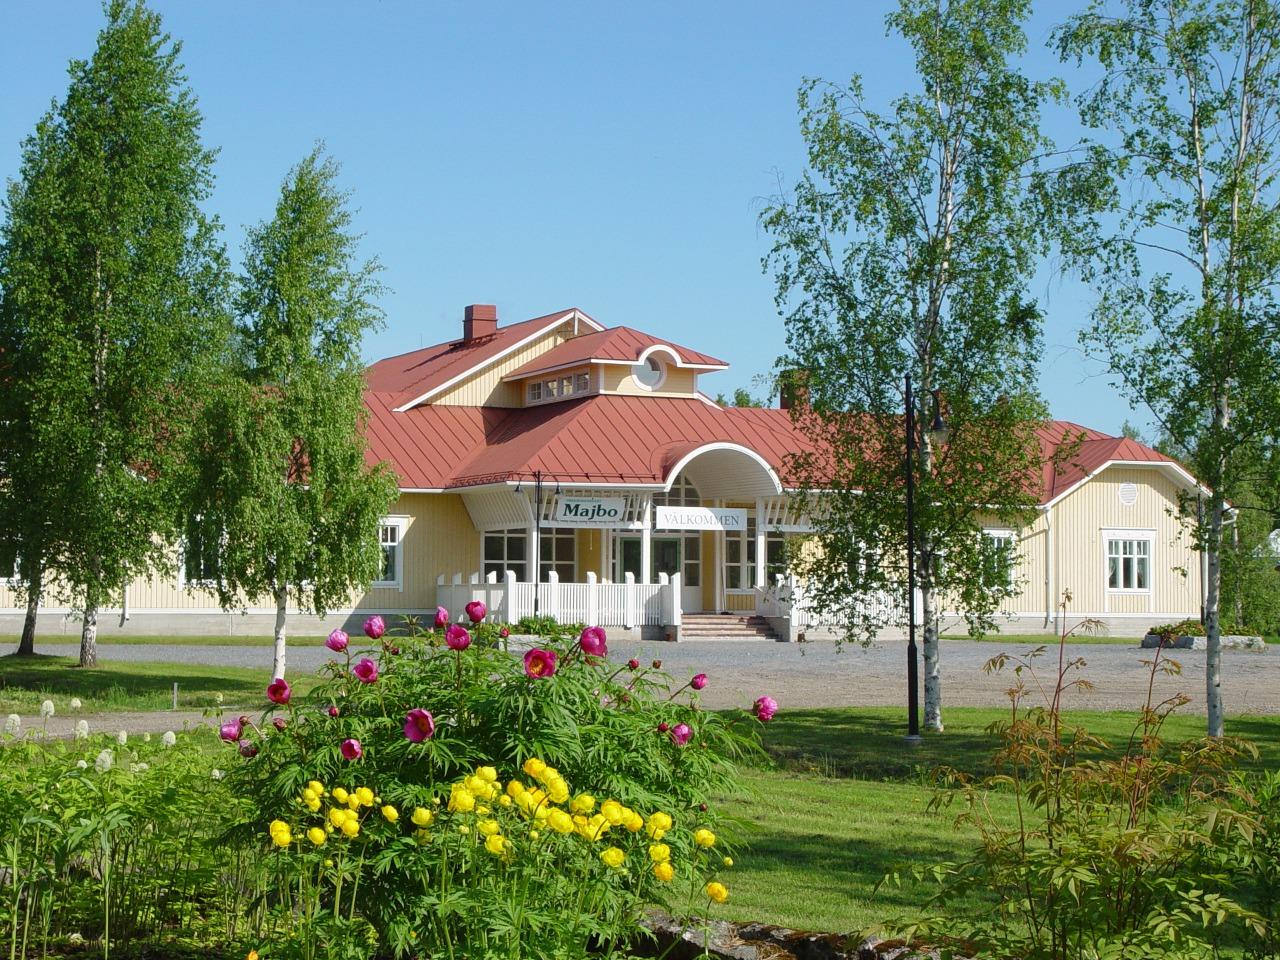 Föreningens tredje hus, Föreningshuset Majbo.